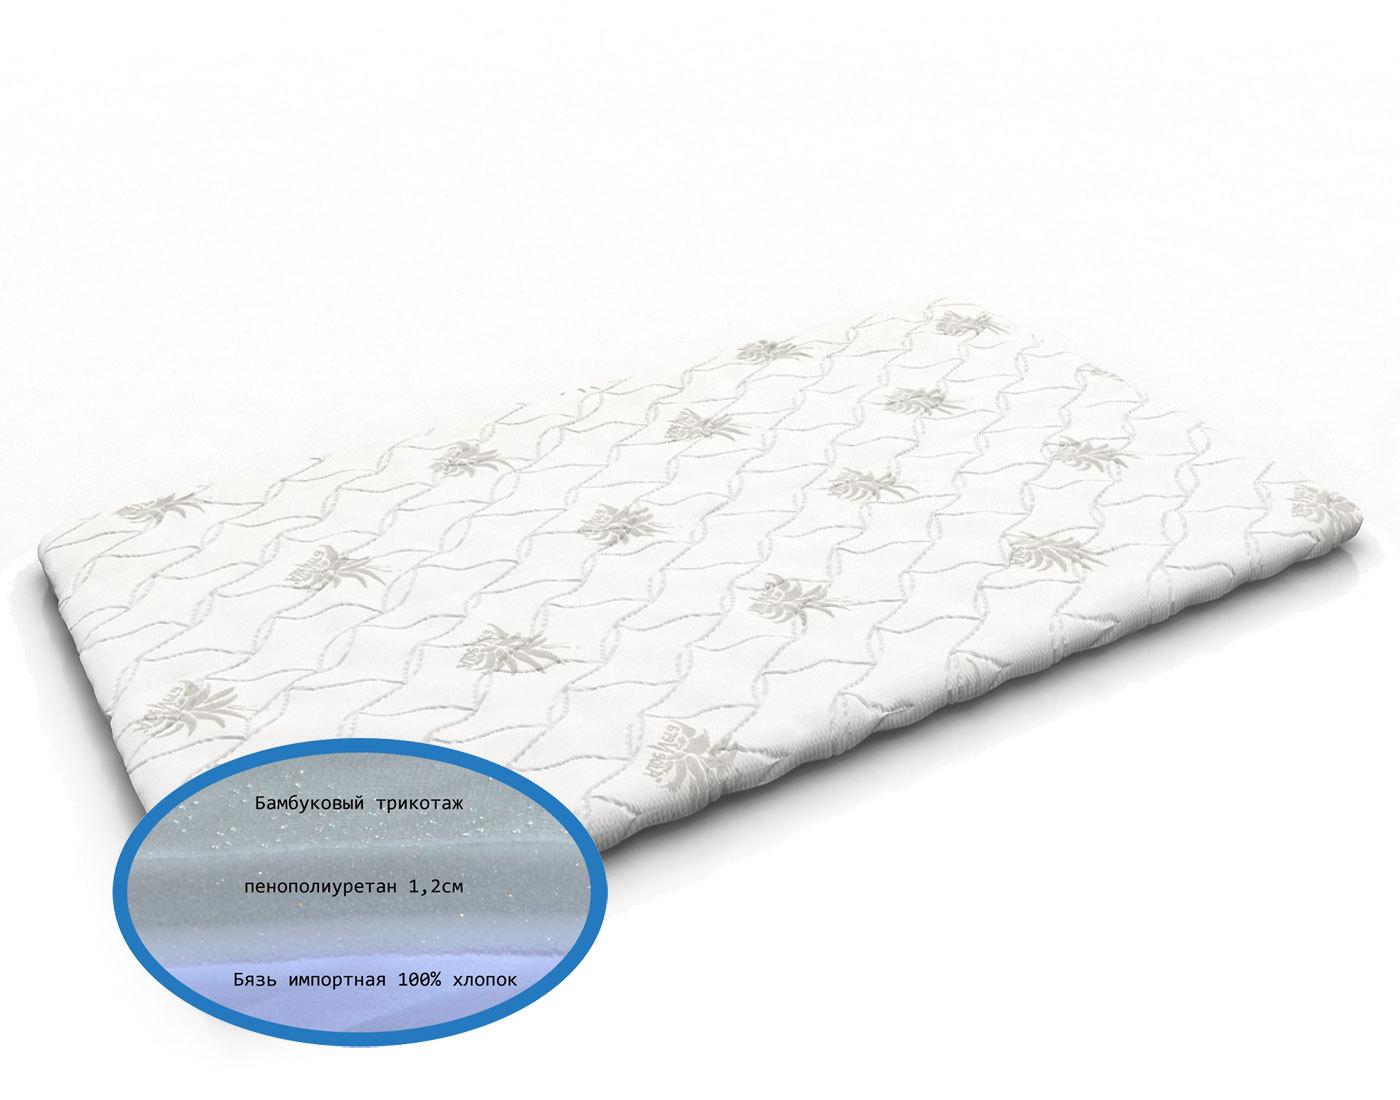 Наматрасники Наматрасник БАМБУК-ОРТО Топпер на резинках по бокам наматрасн.Бамбук-Орто_Топпер.jpg